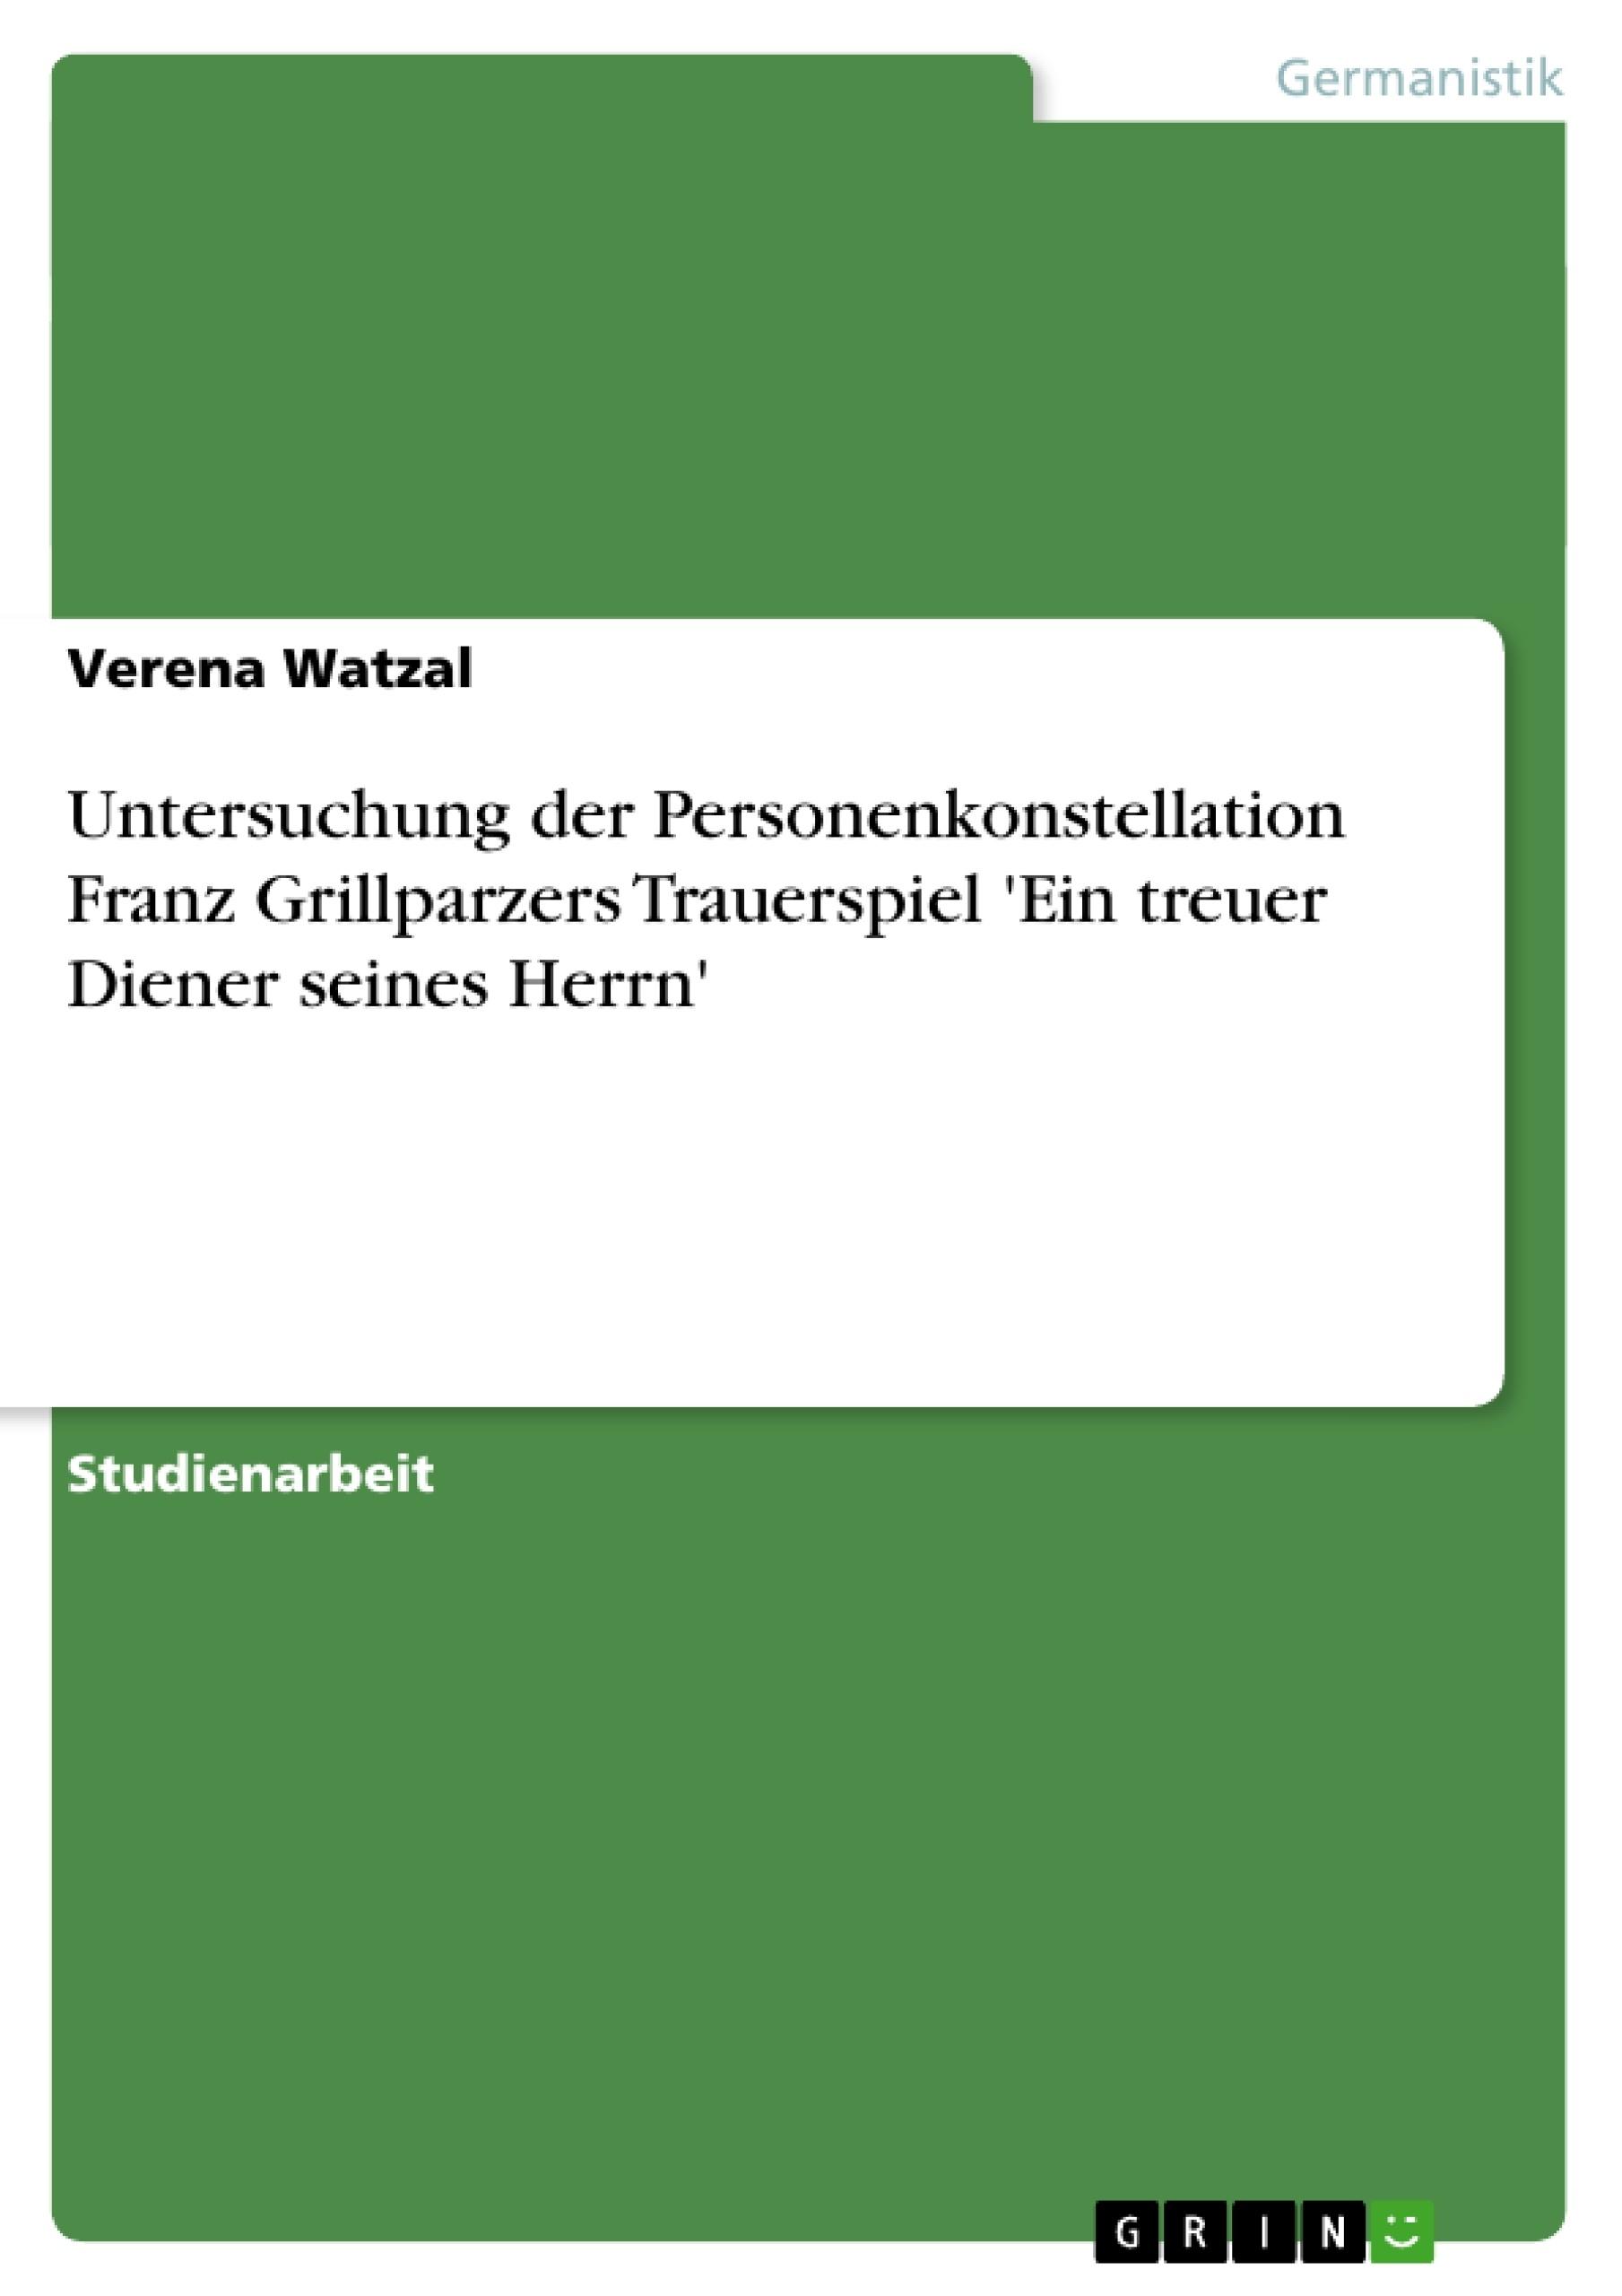 Titel: Untersuchung der Personenkonstellation Franz Grillparzers Trauerspiel 'Ein treuer Diener seines Herrn'